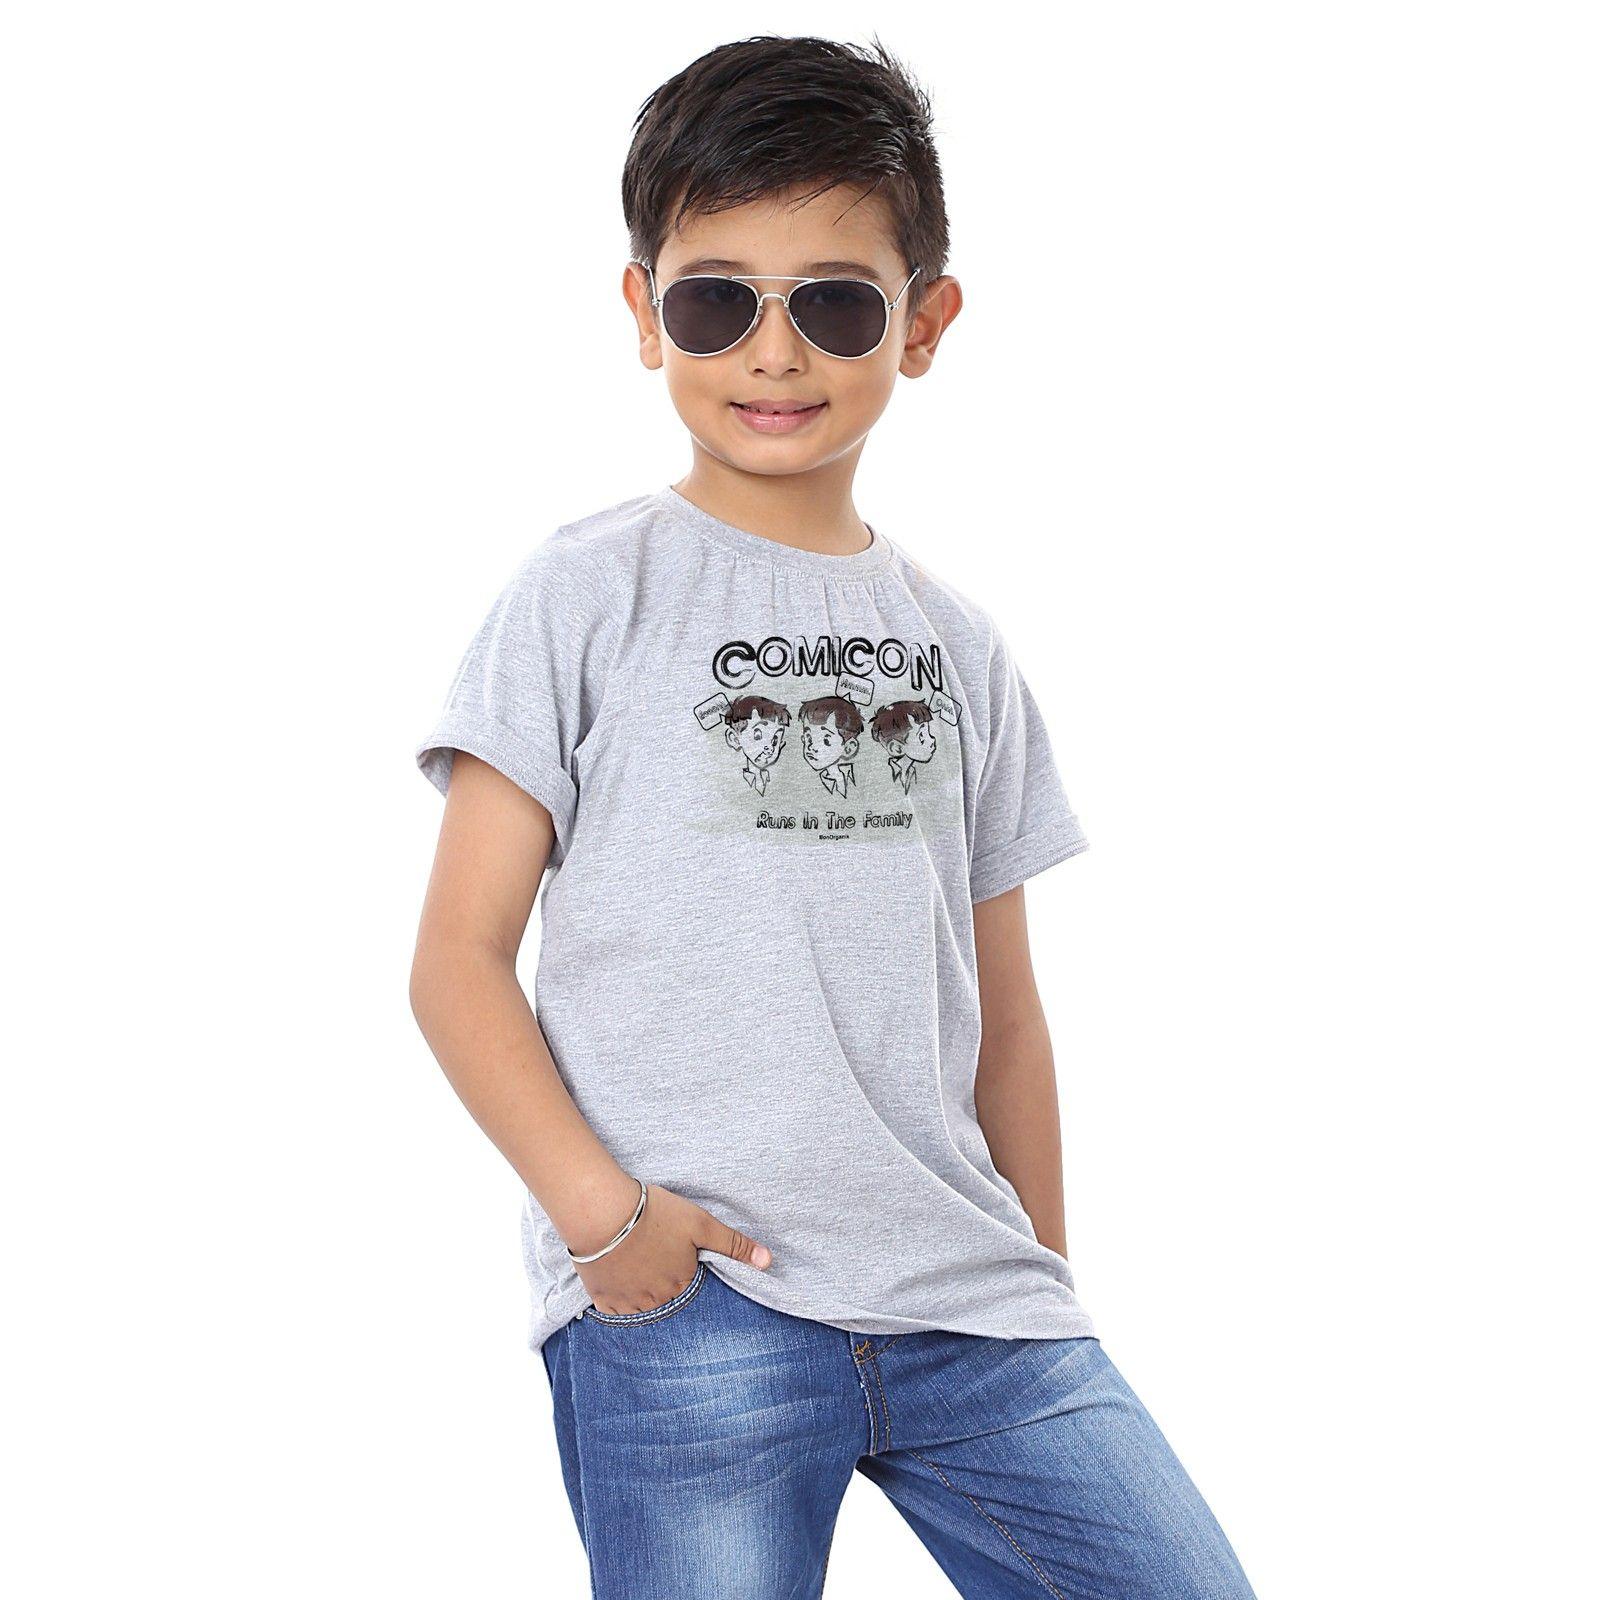 Boy's Comicon Print Grey T-shirt - BonOrganik